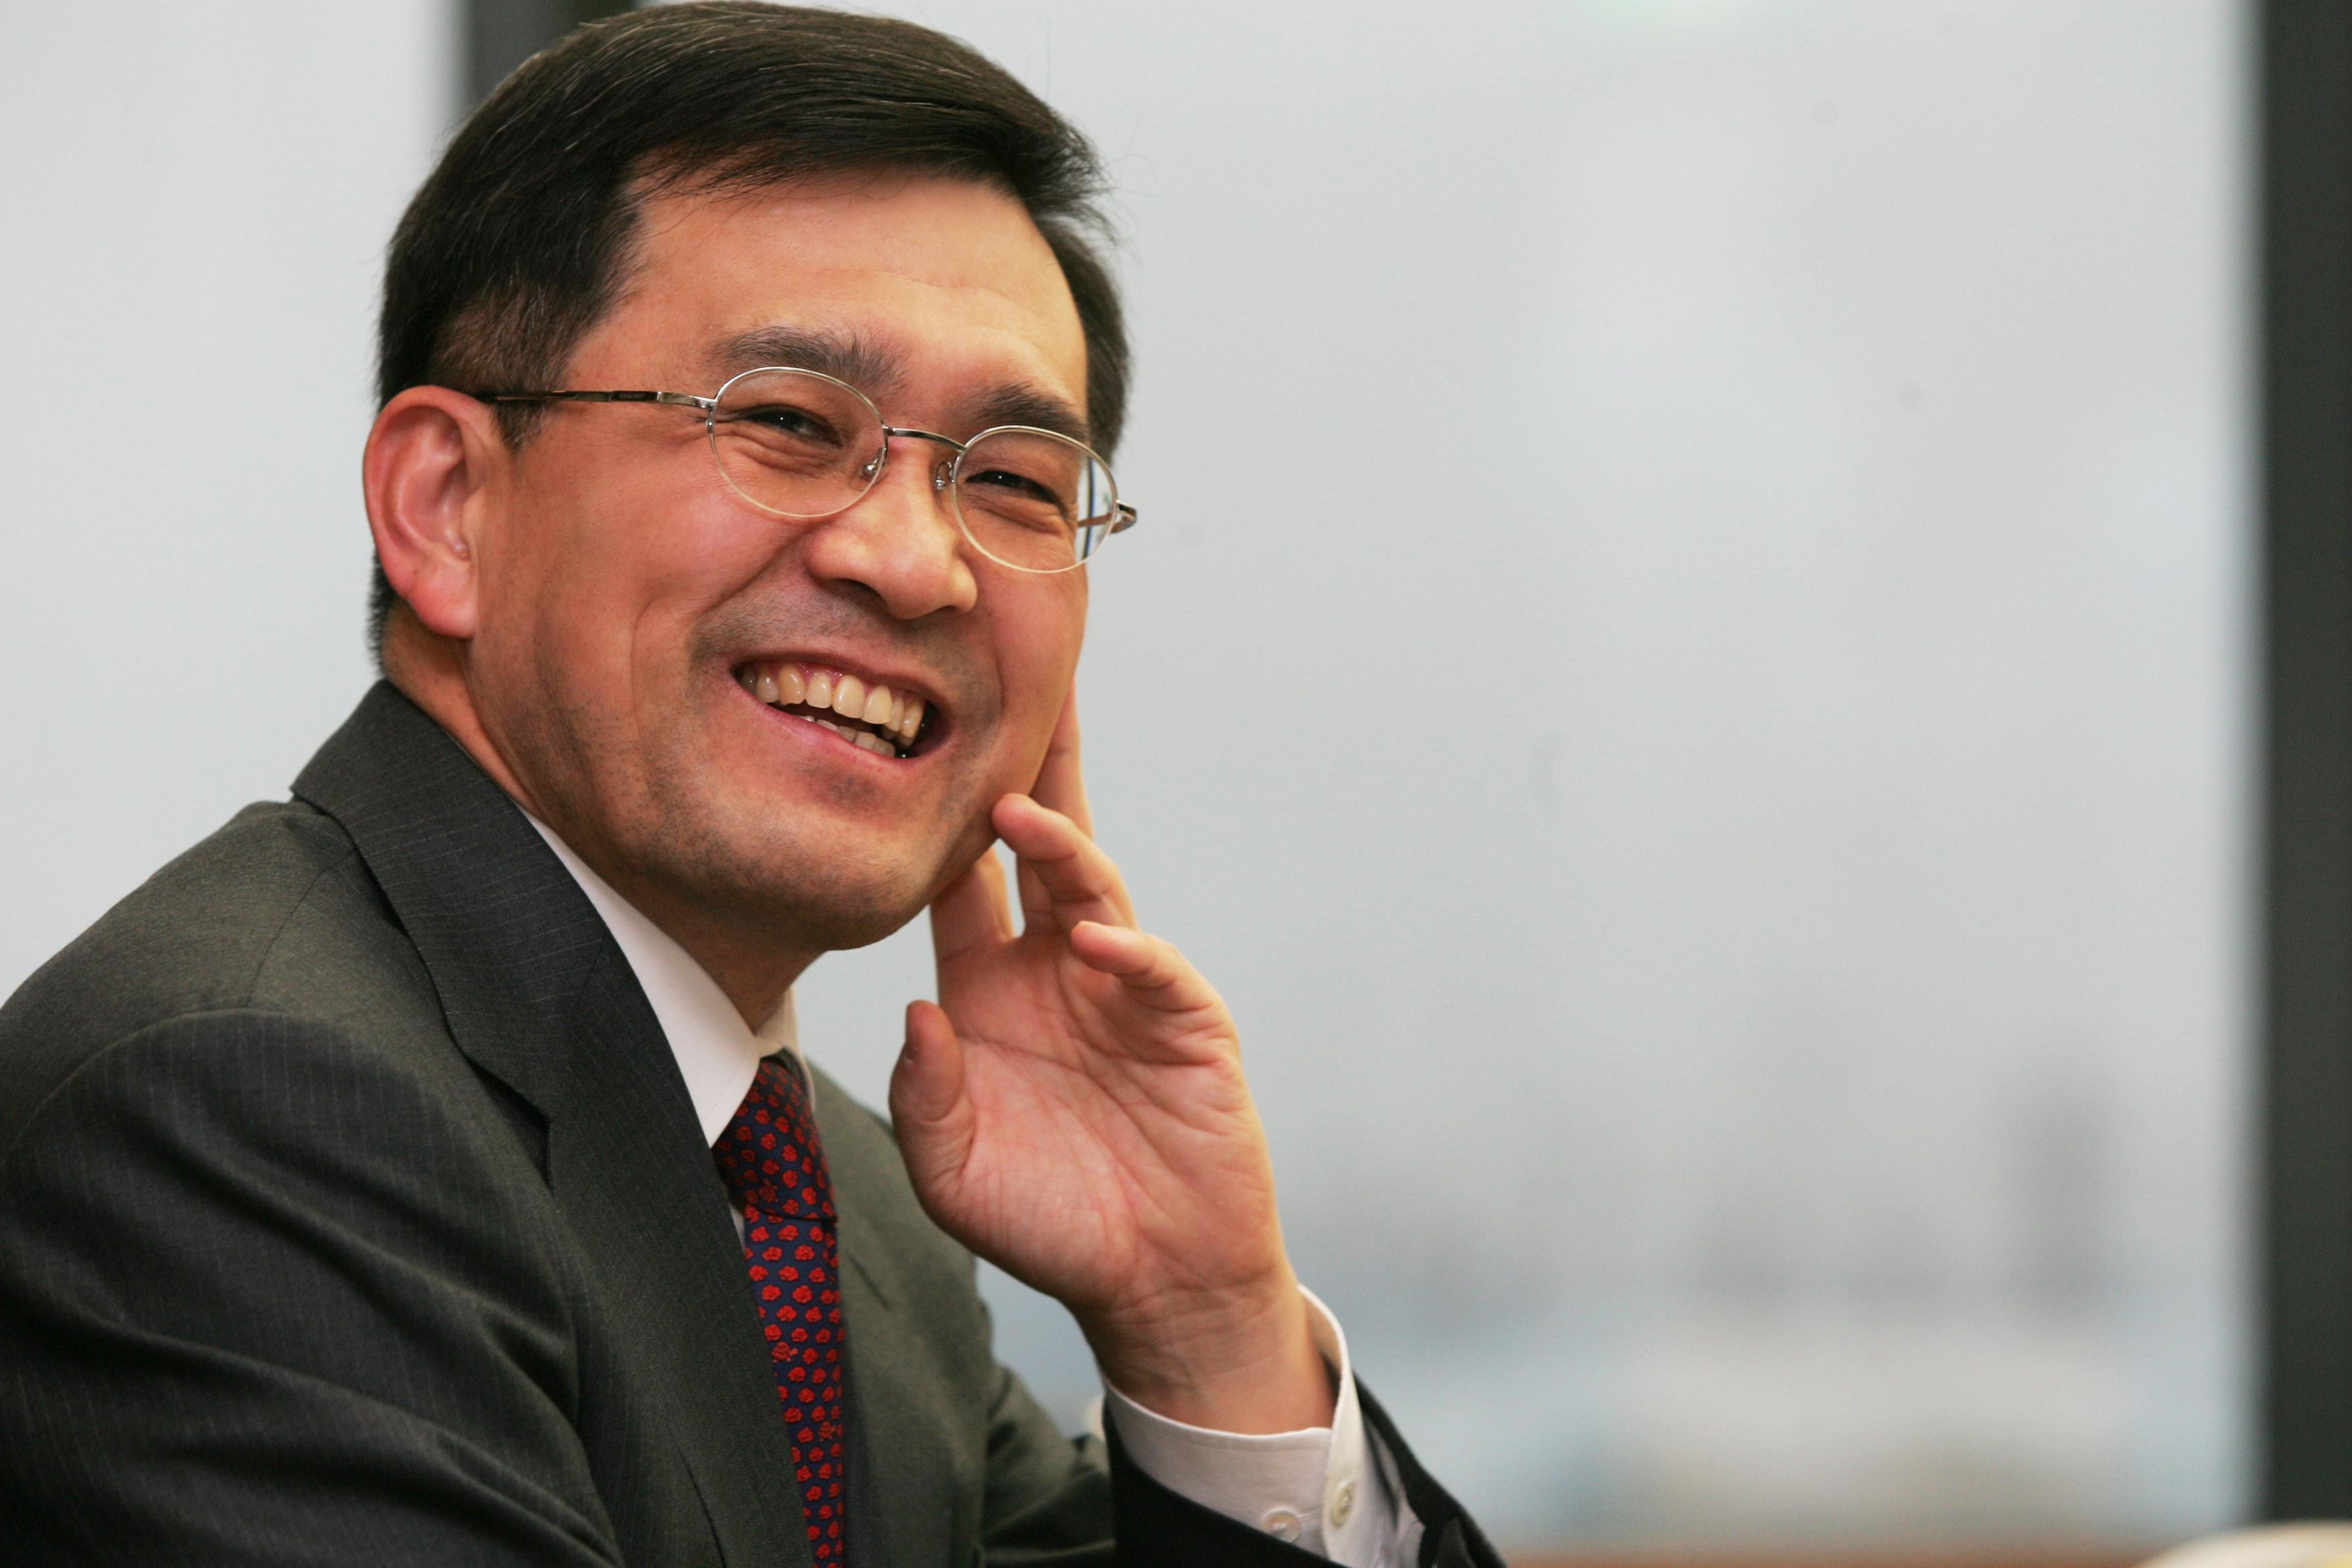 Заработок главы полупроводникового бизнеса Samsung вырос в 5 раз